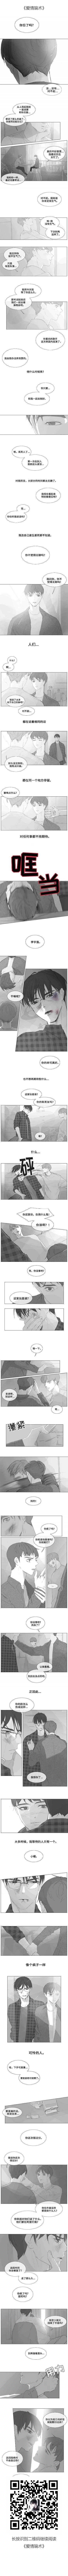 《爱情骗术》最新韩漫耽美BL漫画百度云网盘资源全集免费在线阅读 第一话